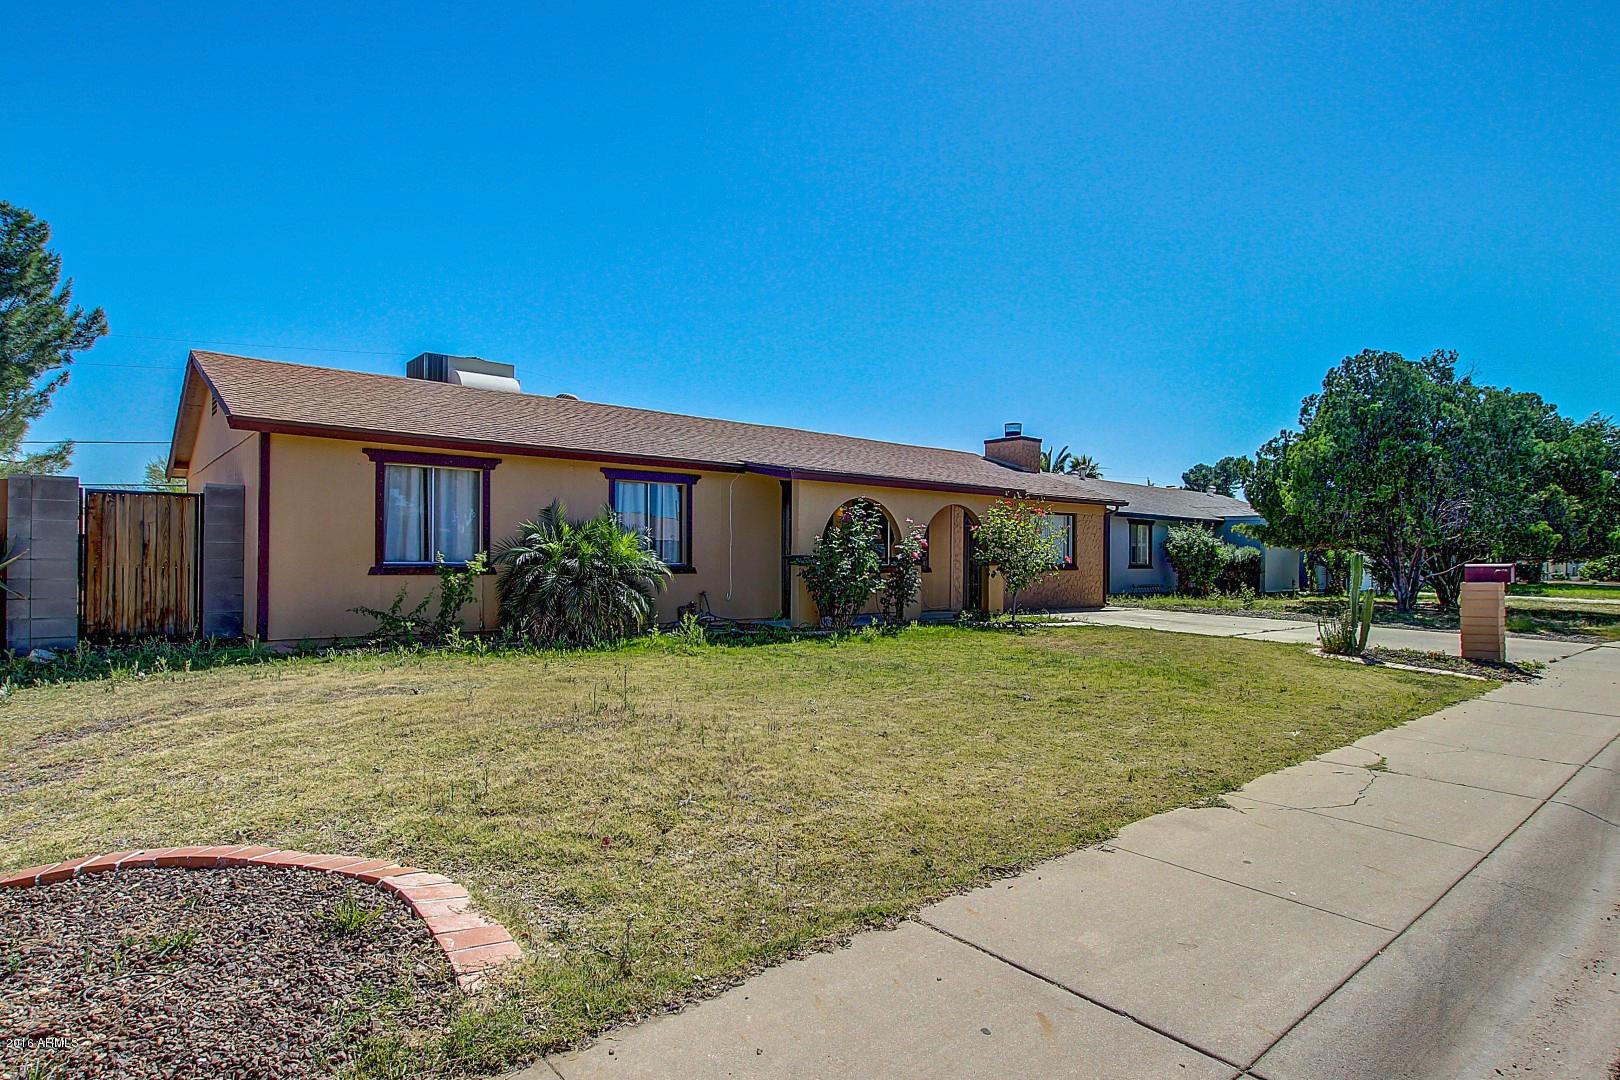 1941 W Voltaire  Avenue  Phoenix AZ 85029